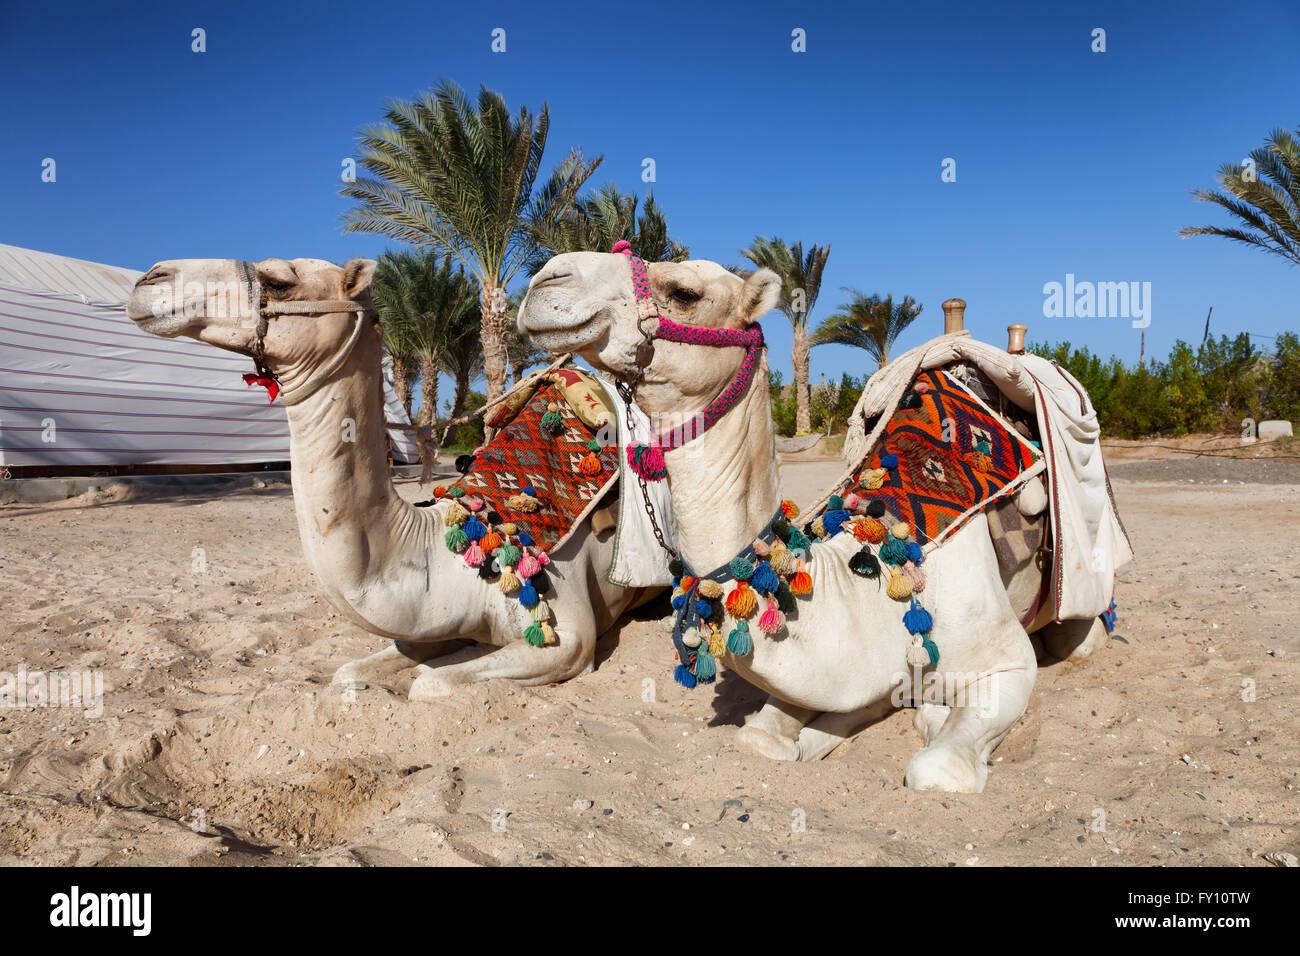 Dos coloridos camellos en Egipto Imagen De Stock